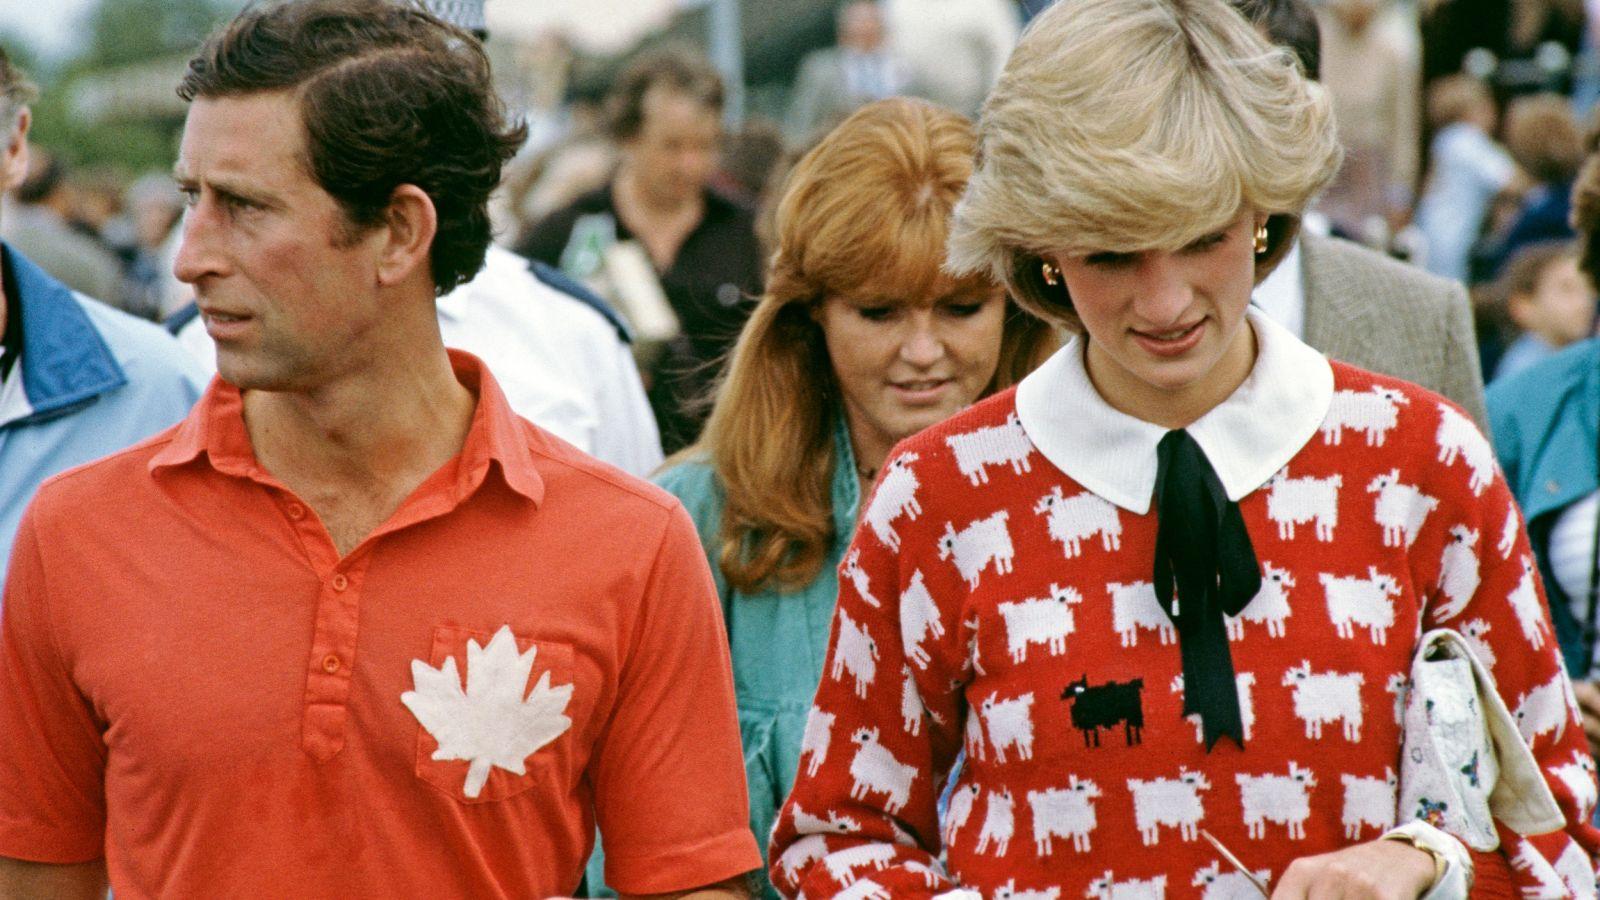 Πριγκίπισσα Νταϊάνα: Επανακυκλοφορούν δύο από τα iconic πουλόβερ της